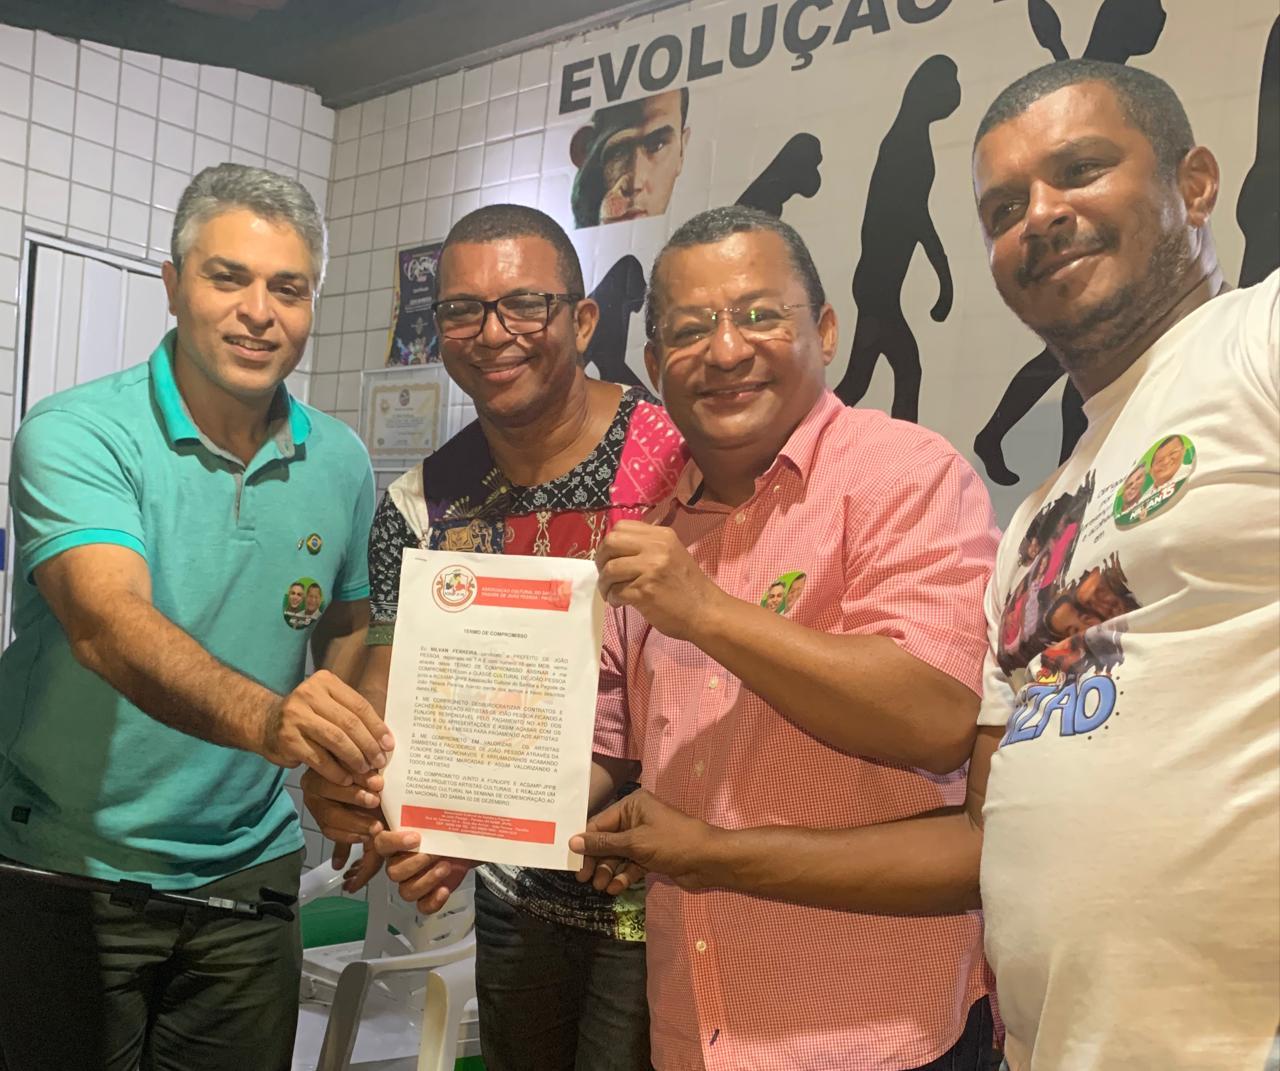 IMG 20201014 WA0009 - Nilvan Ferreira firma compromisso com artistas de incentivo ao setor cultural de João Pessoa